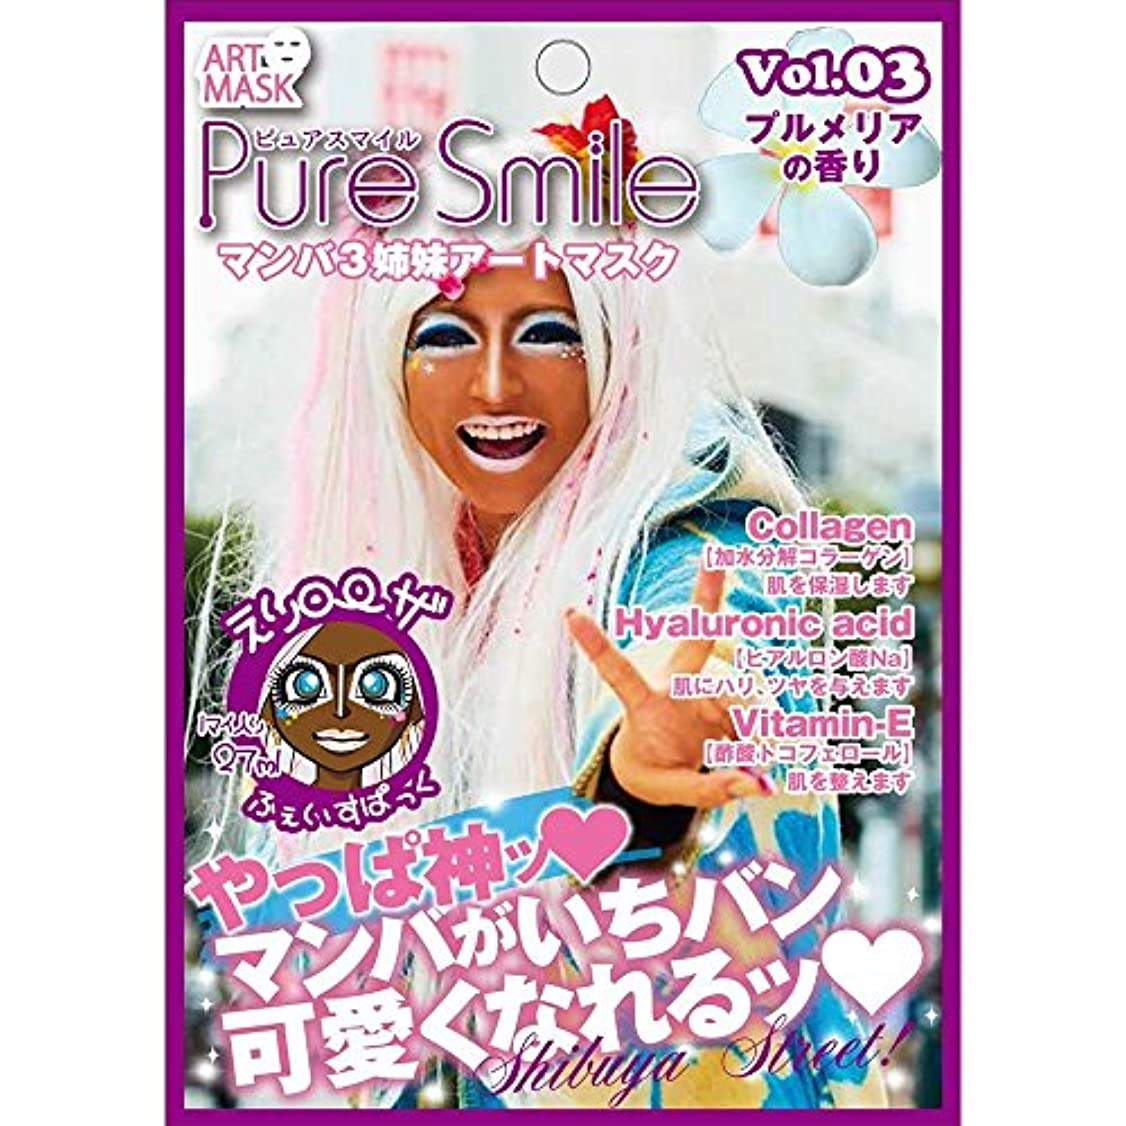 補正宣言ワゴンピュアスマイル 『マンバ3姉妹シリーズアートマスク』(えりローザ/プルメリアの香り)